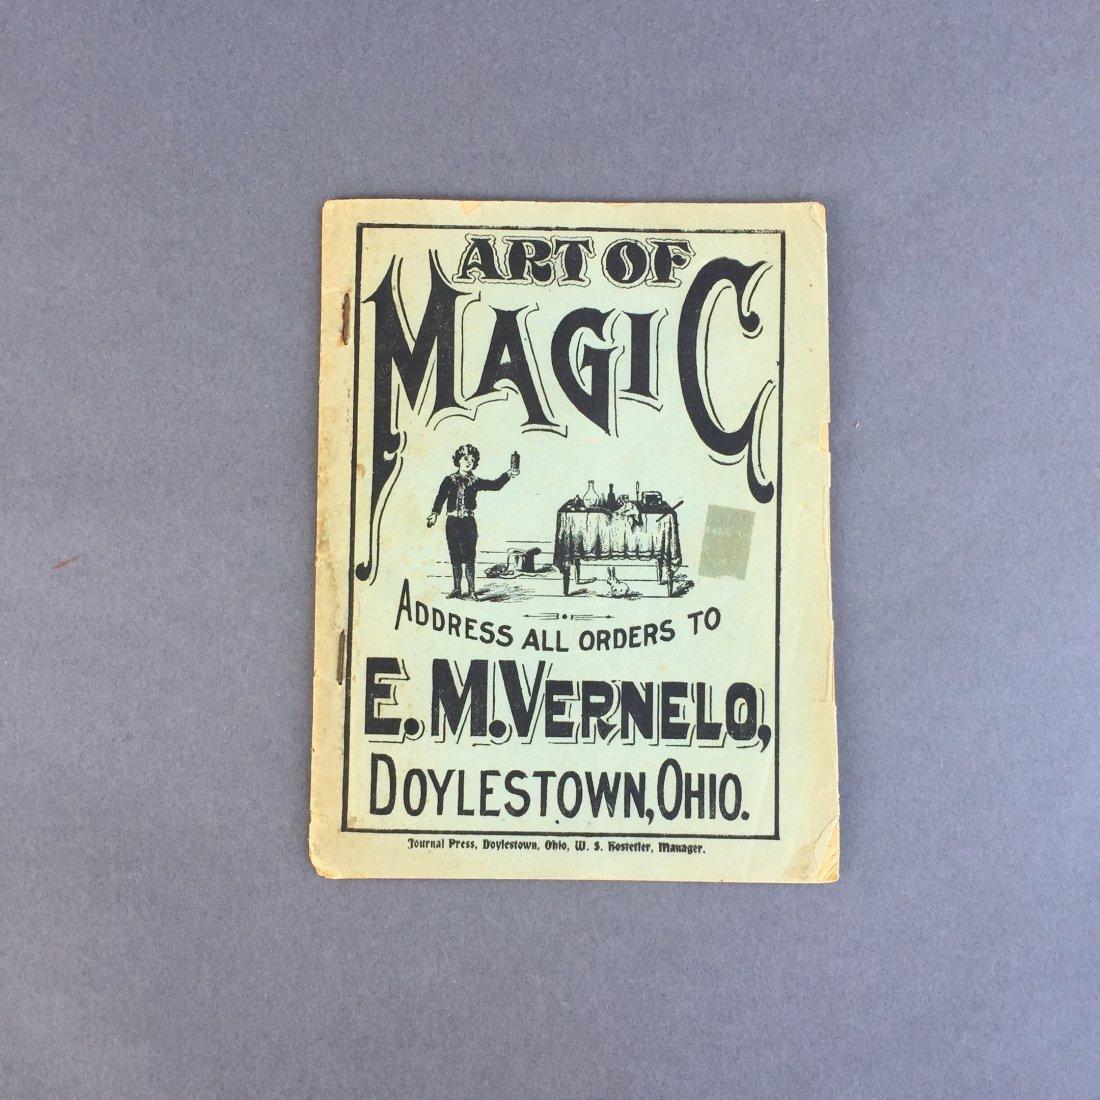 E. M. Vernelo 1880